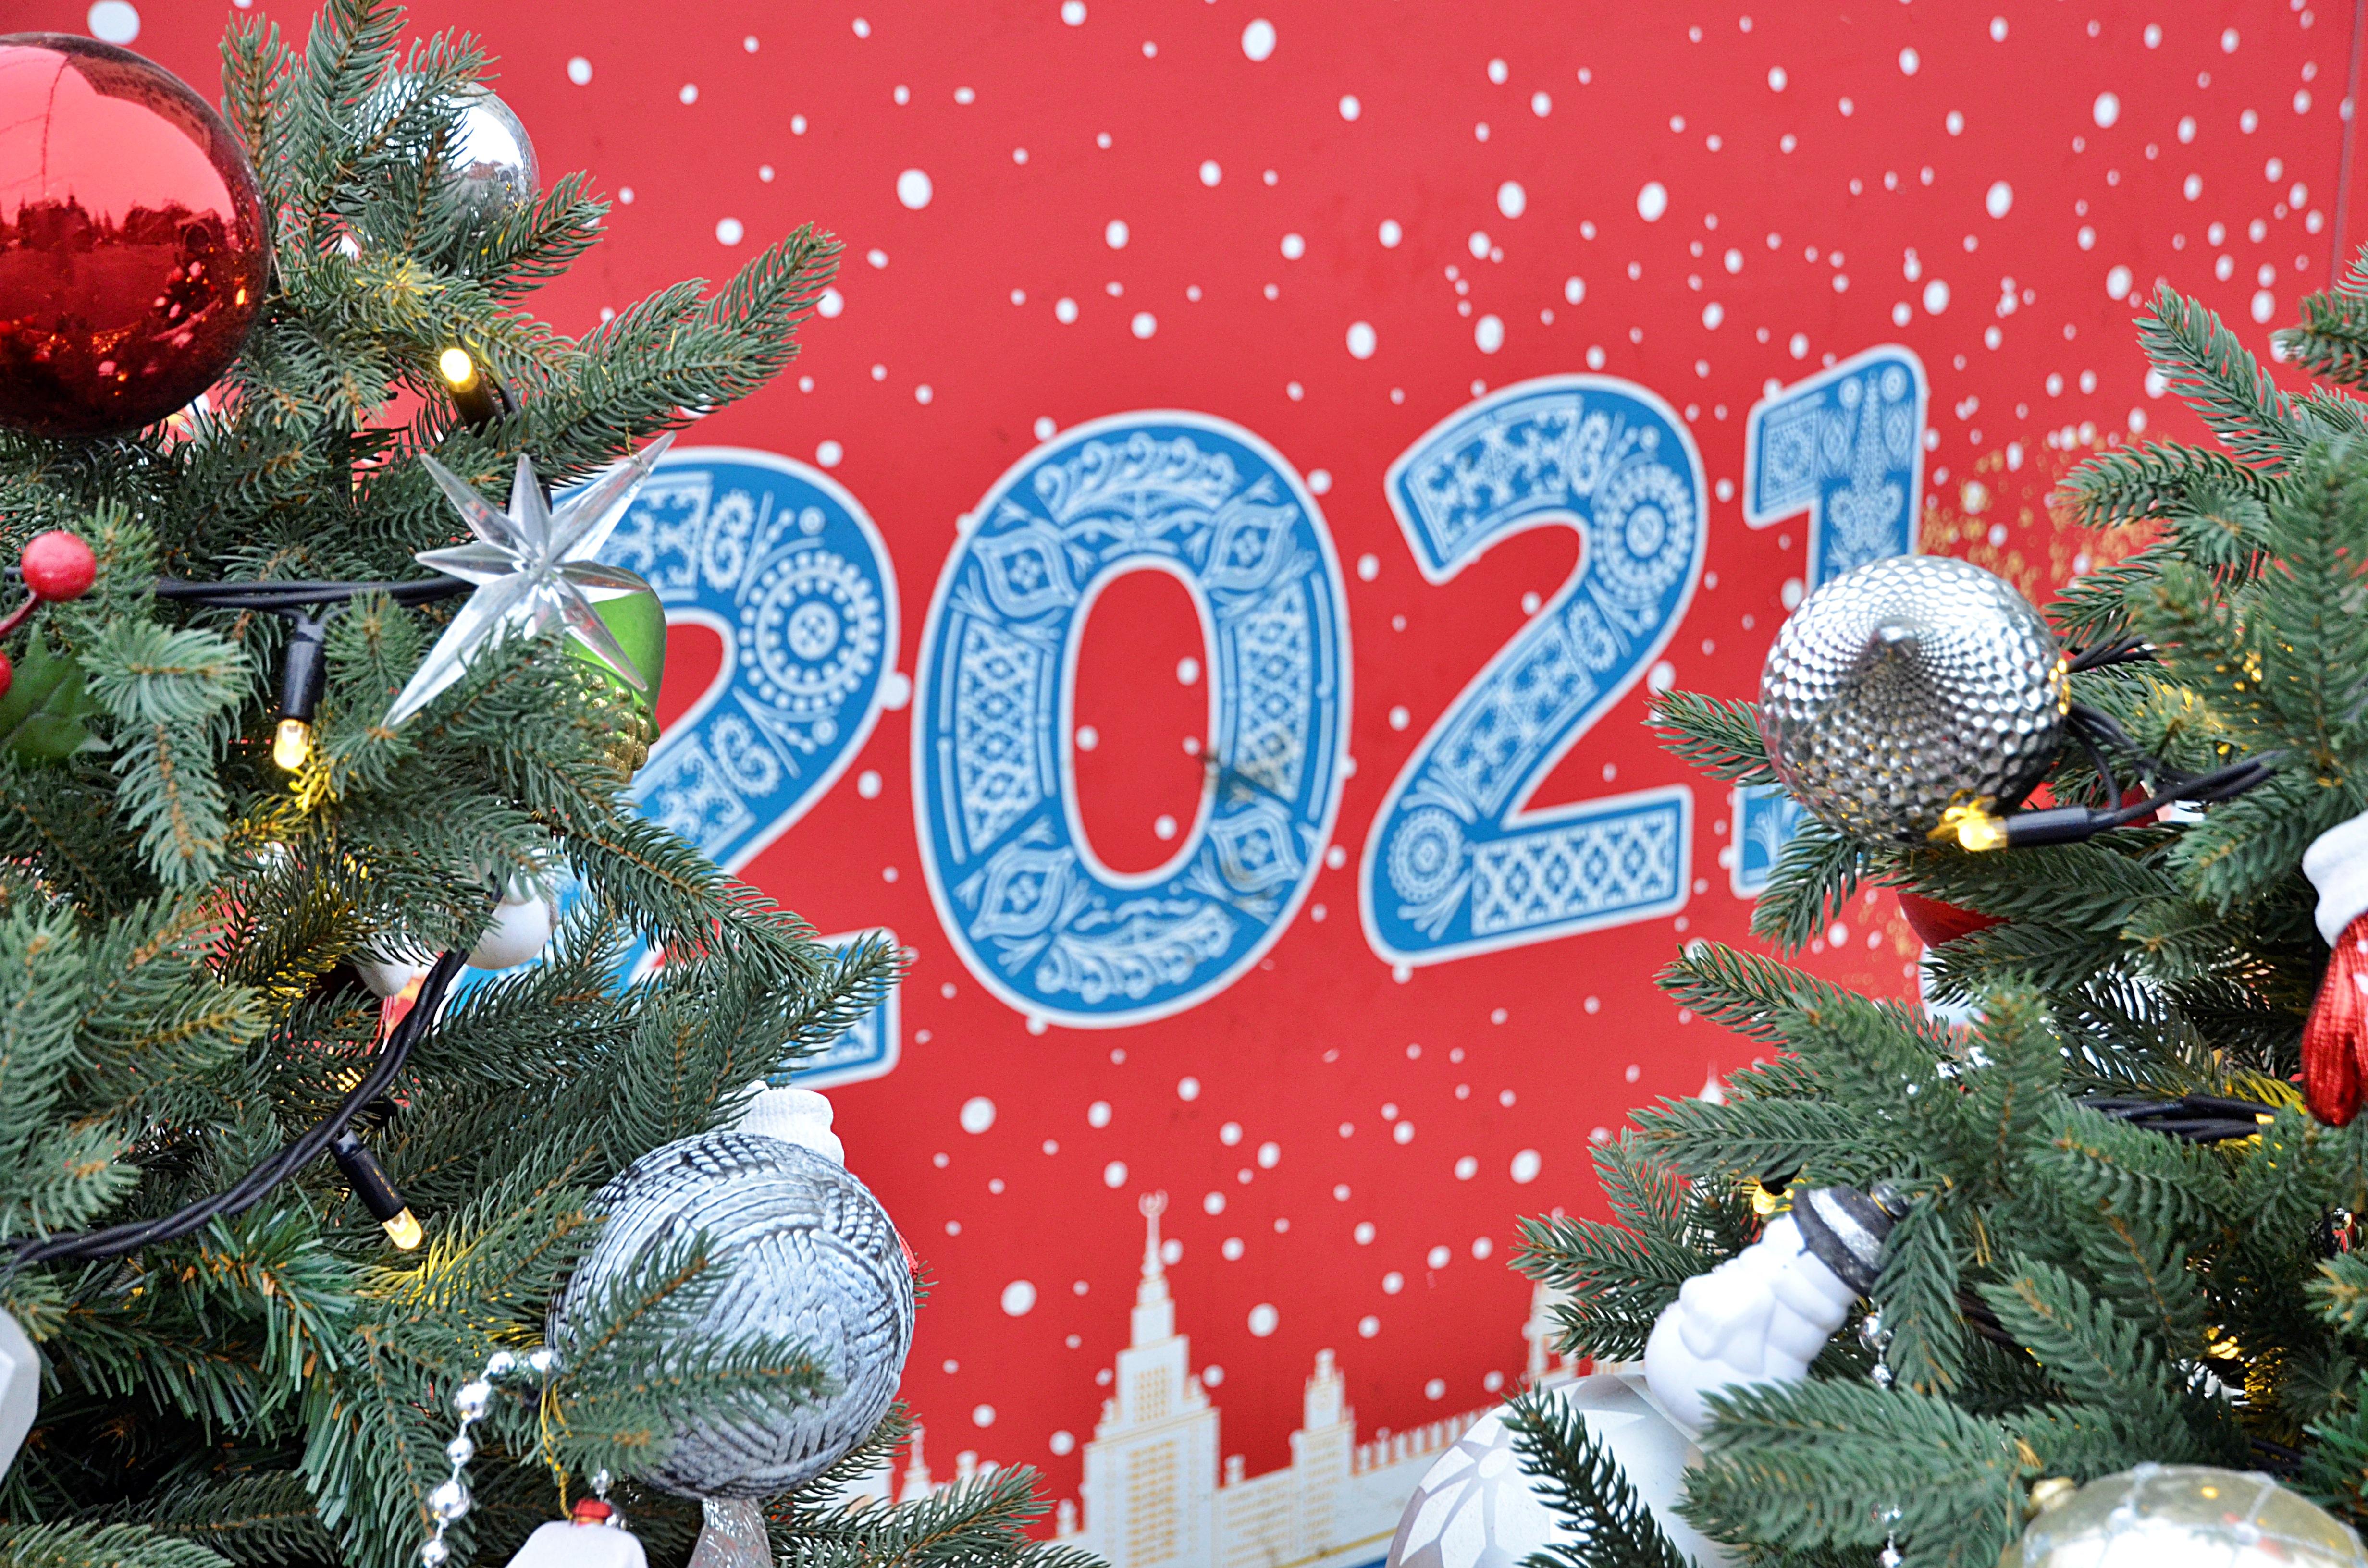 Парки Москвы подготовили онлайн-программу к рождественским праздникам